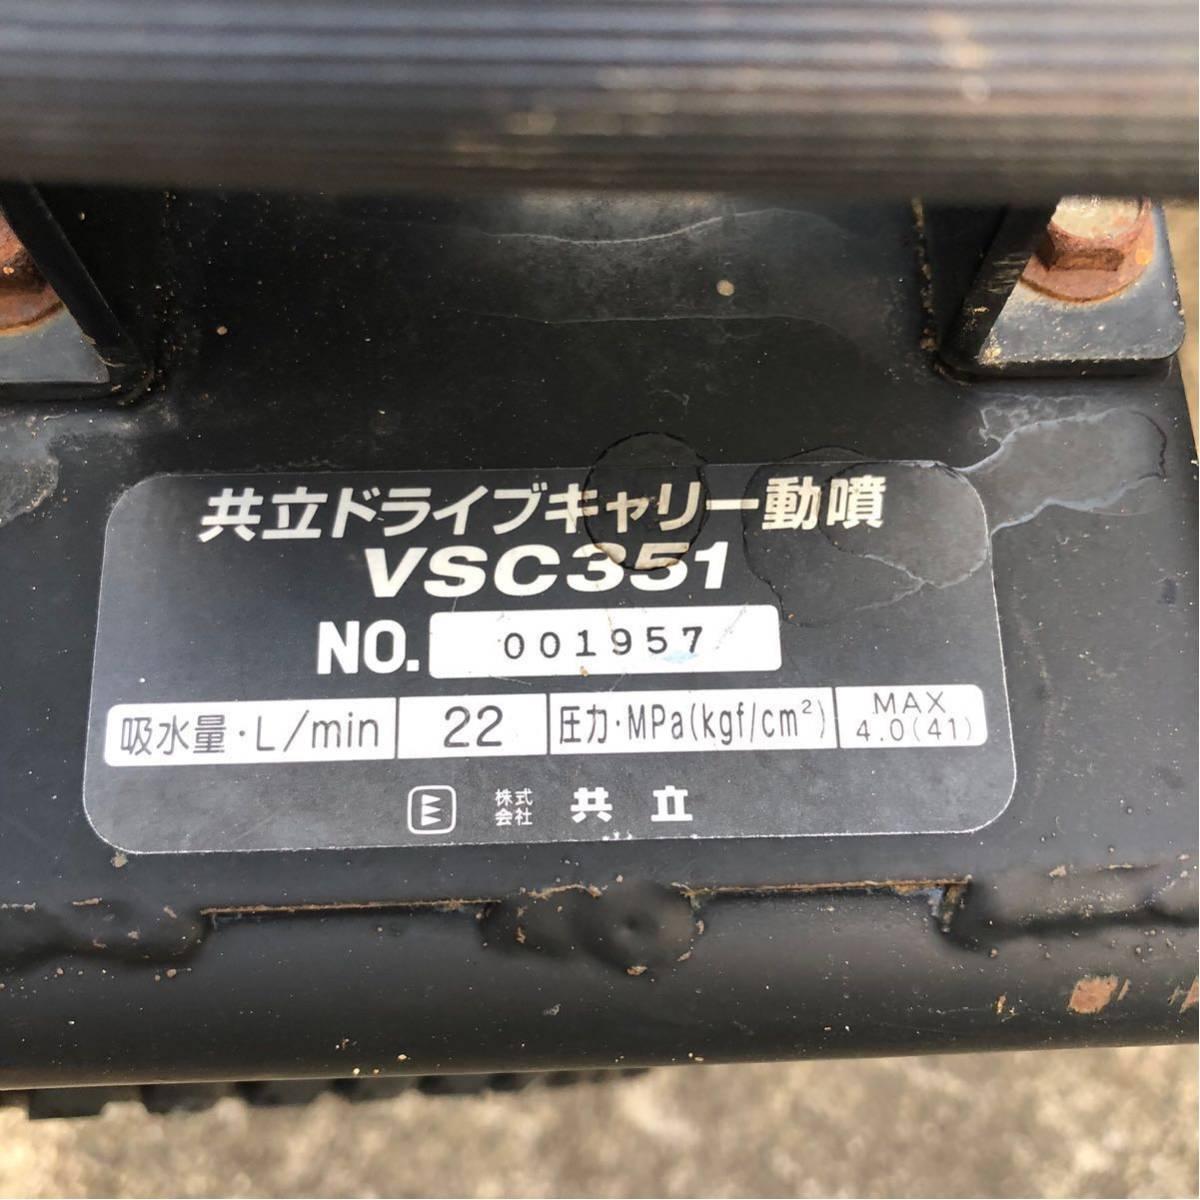 ☆実動☆ 共立 ドライブキャリー動噴 VSC351 KIORITZ 自動巻取り 消毒 高圧洗浄機 噴霧器 動噴_画像3